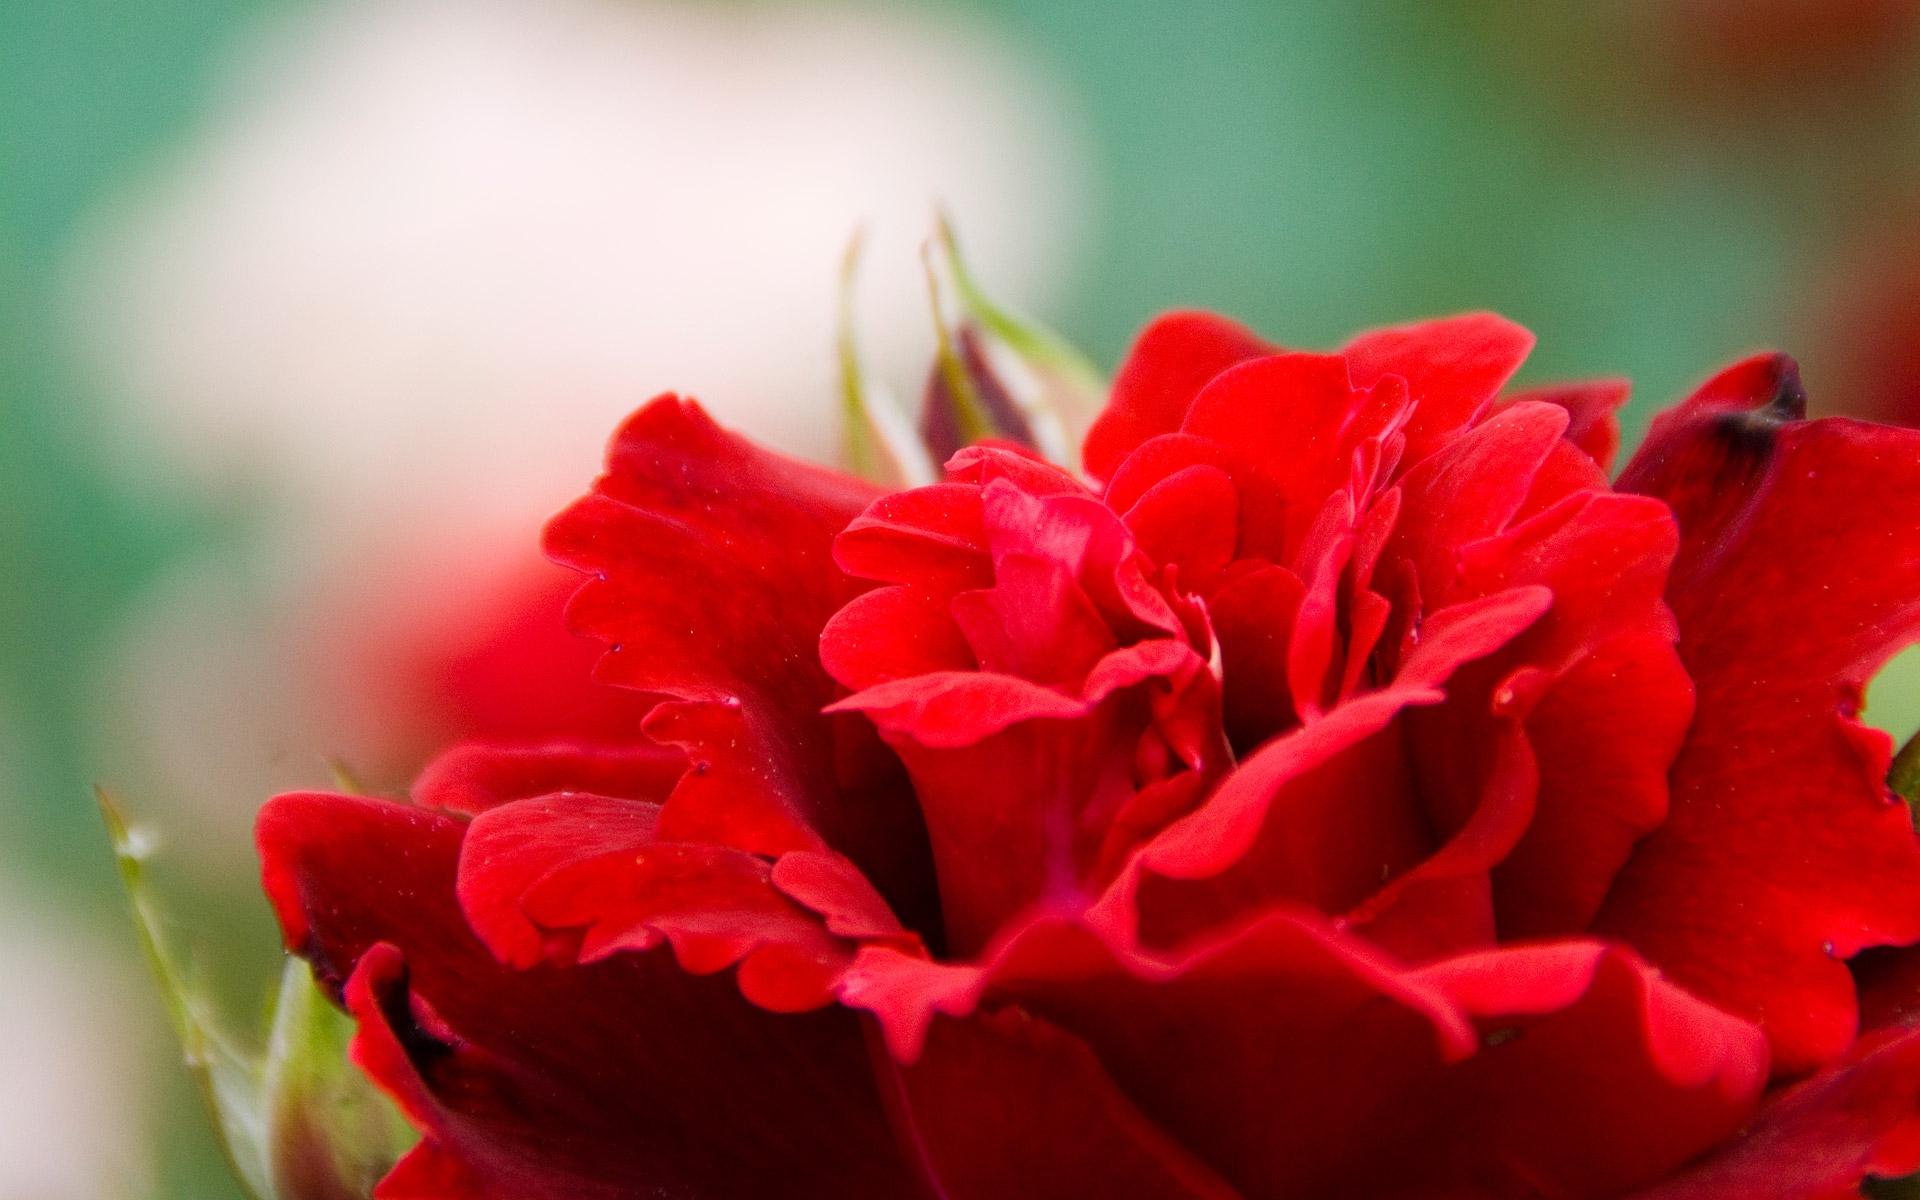 Картинка нежные цветы красные, тему великая